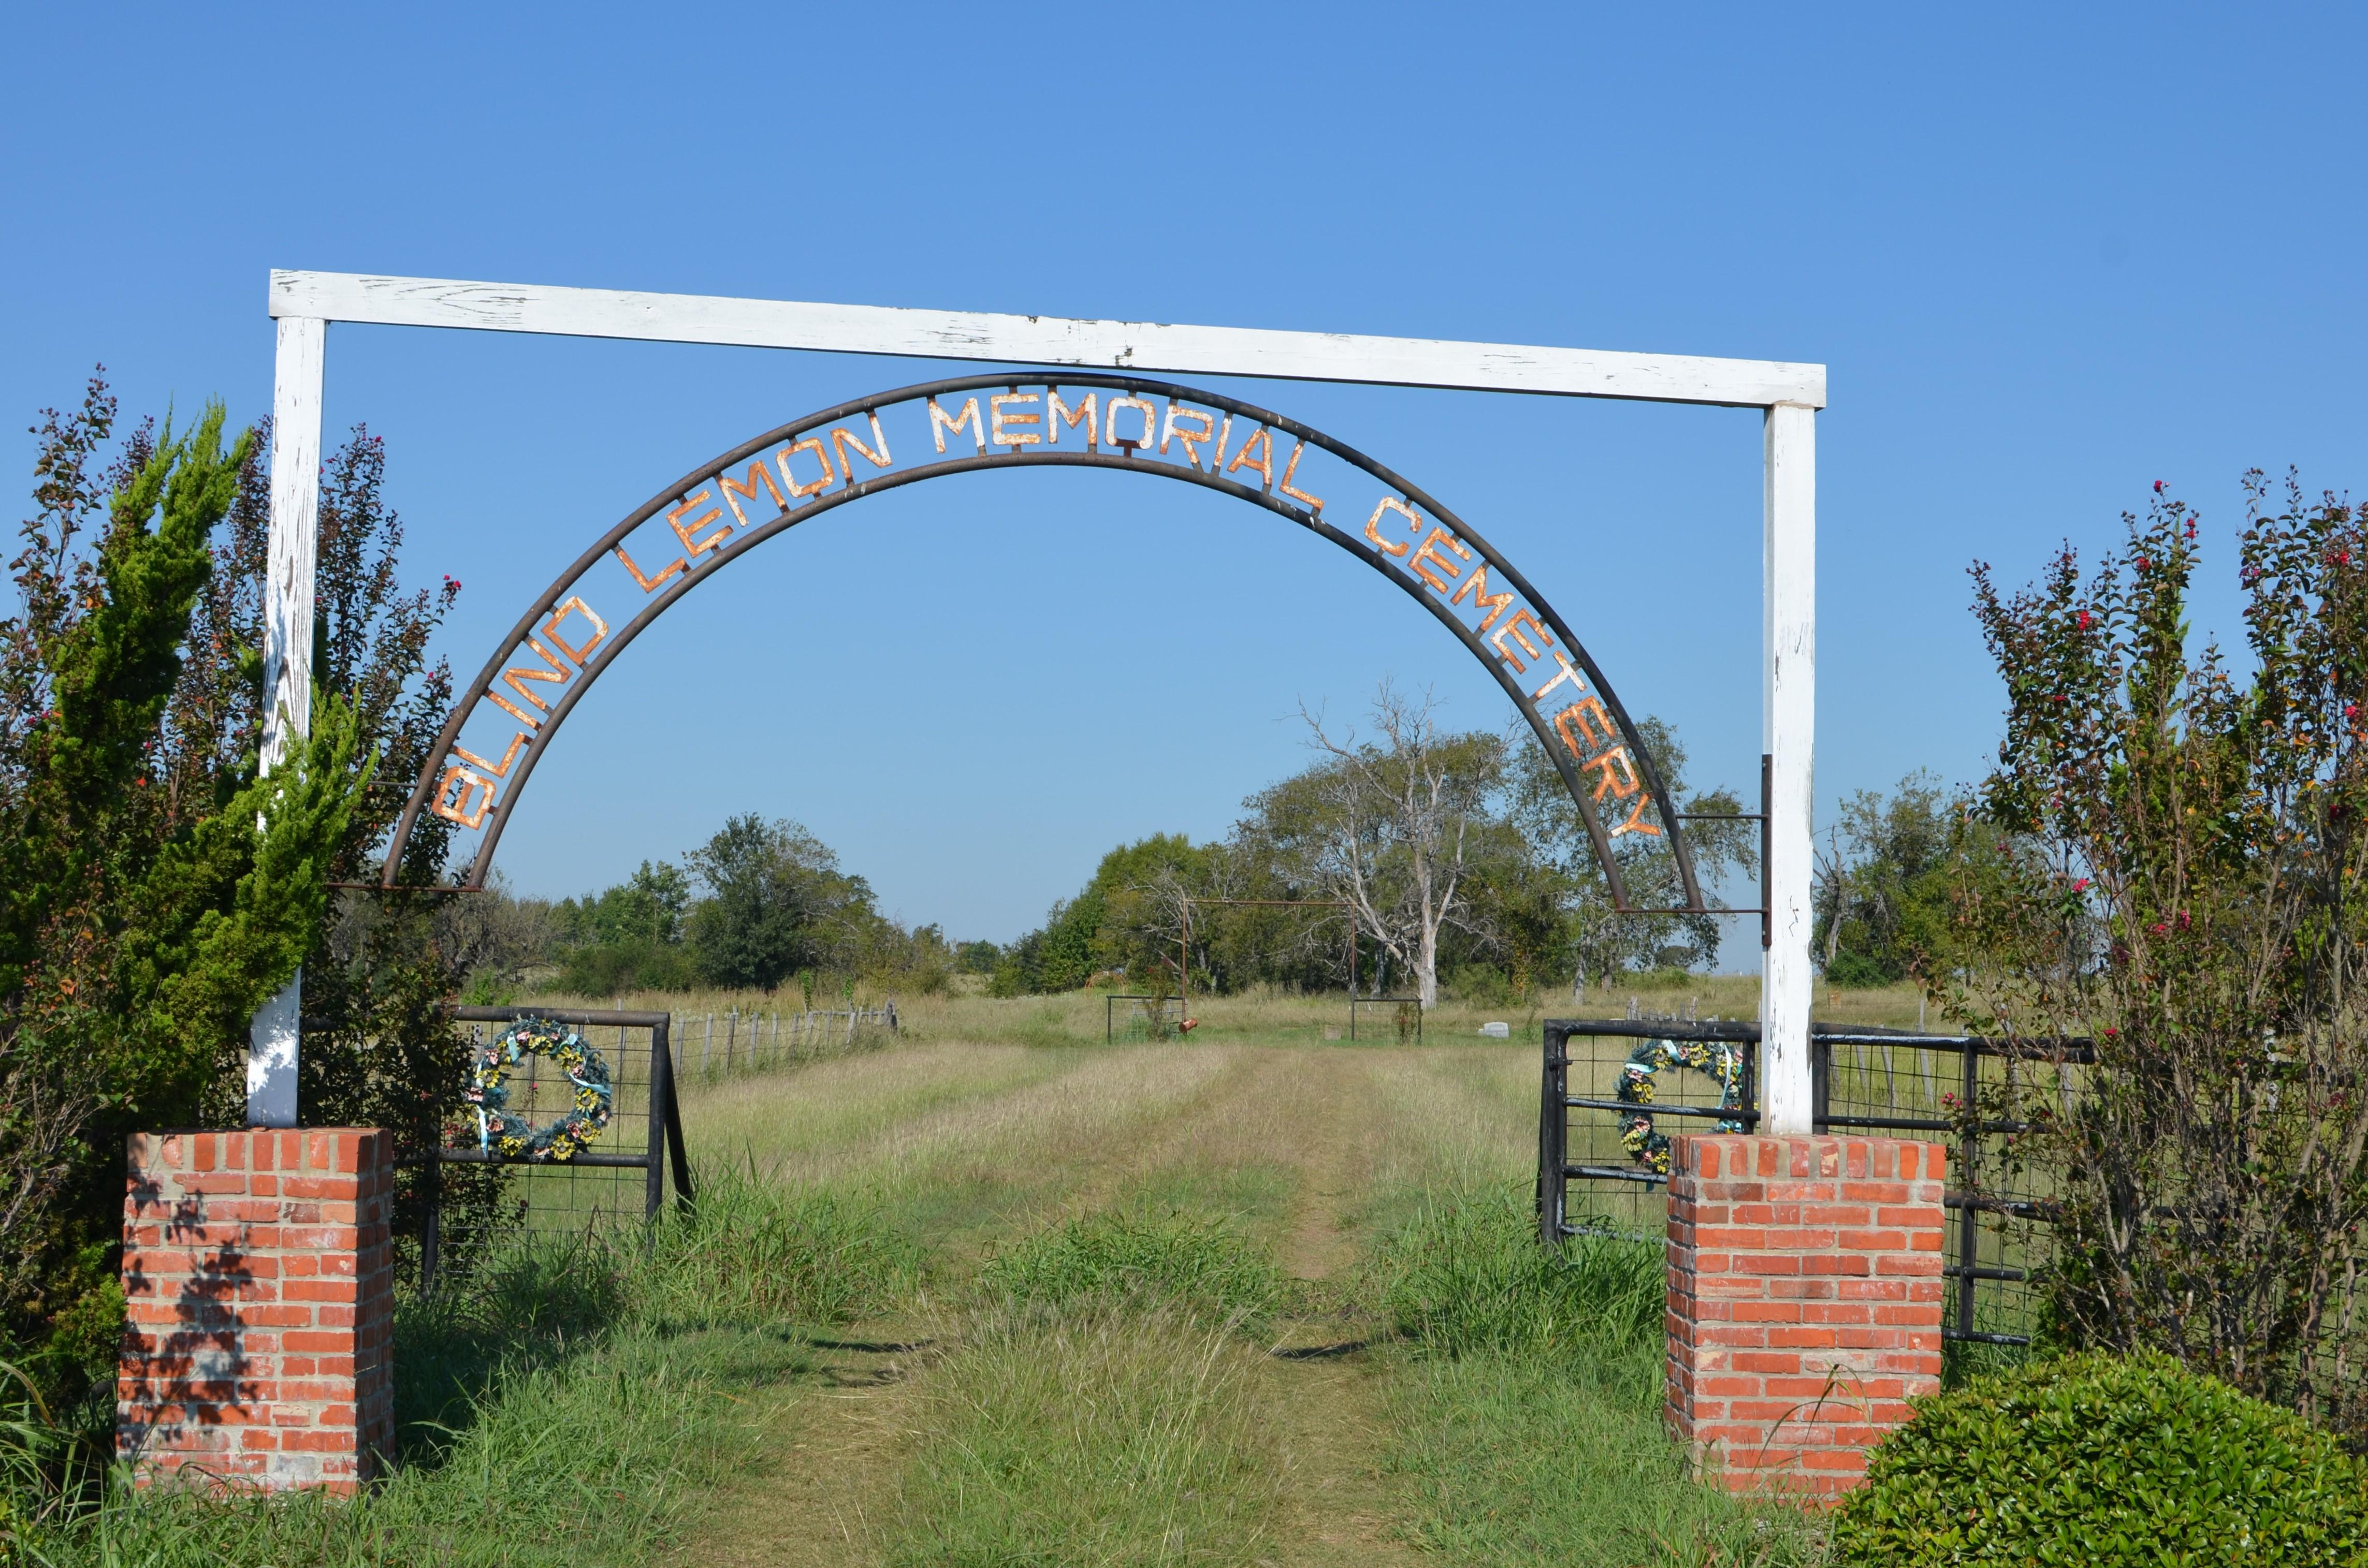 De voormalige Wortham Negro Cemetery